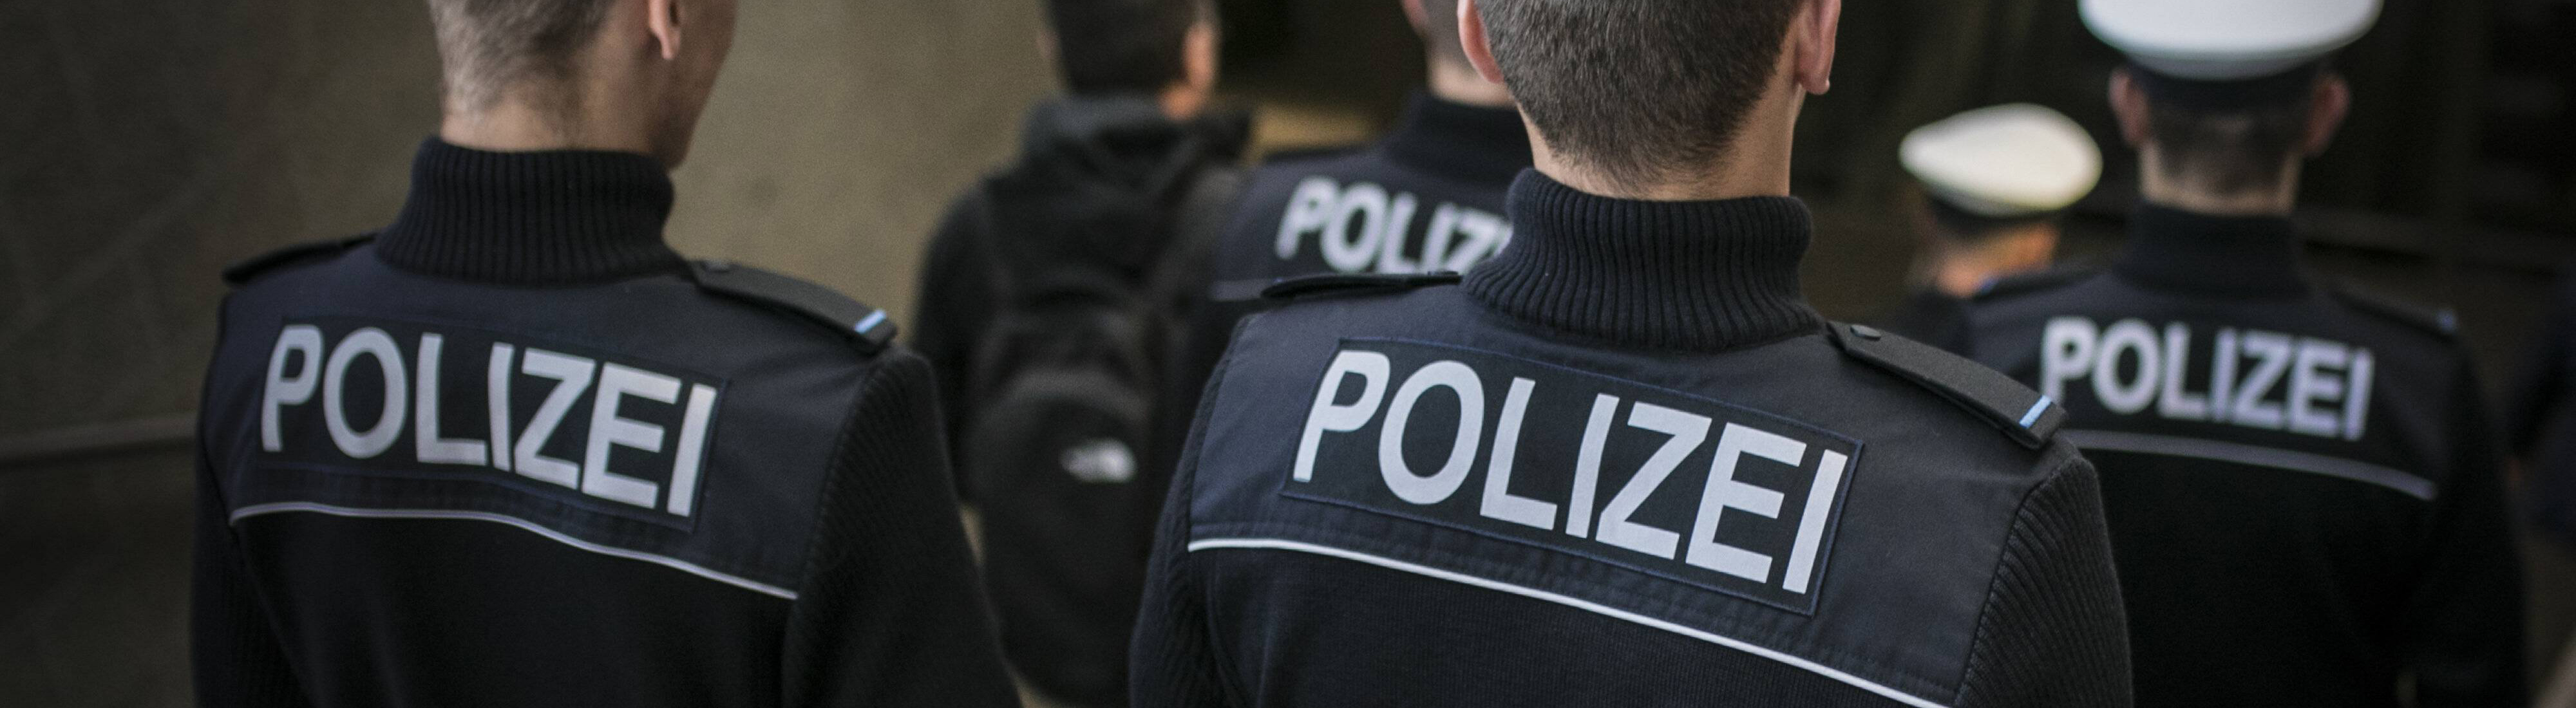 Polizisten laufen Streife (Symbolbild).